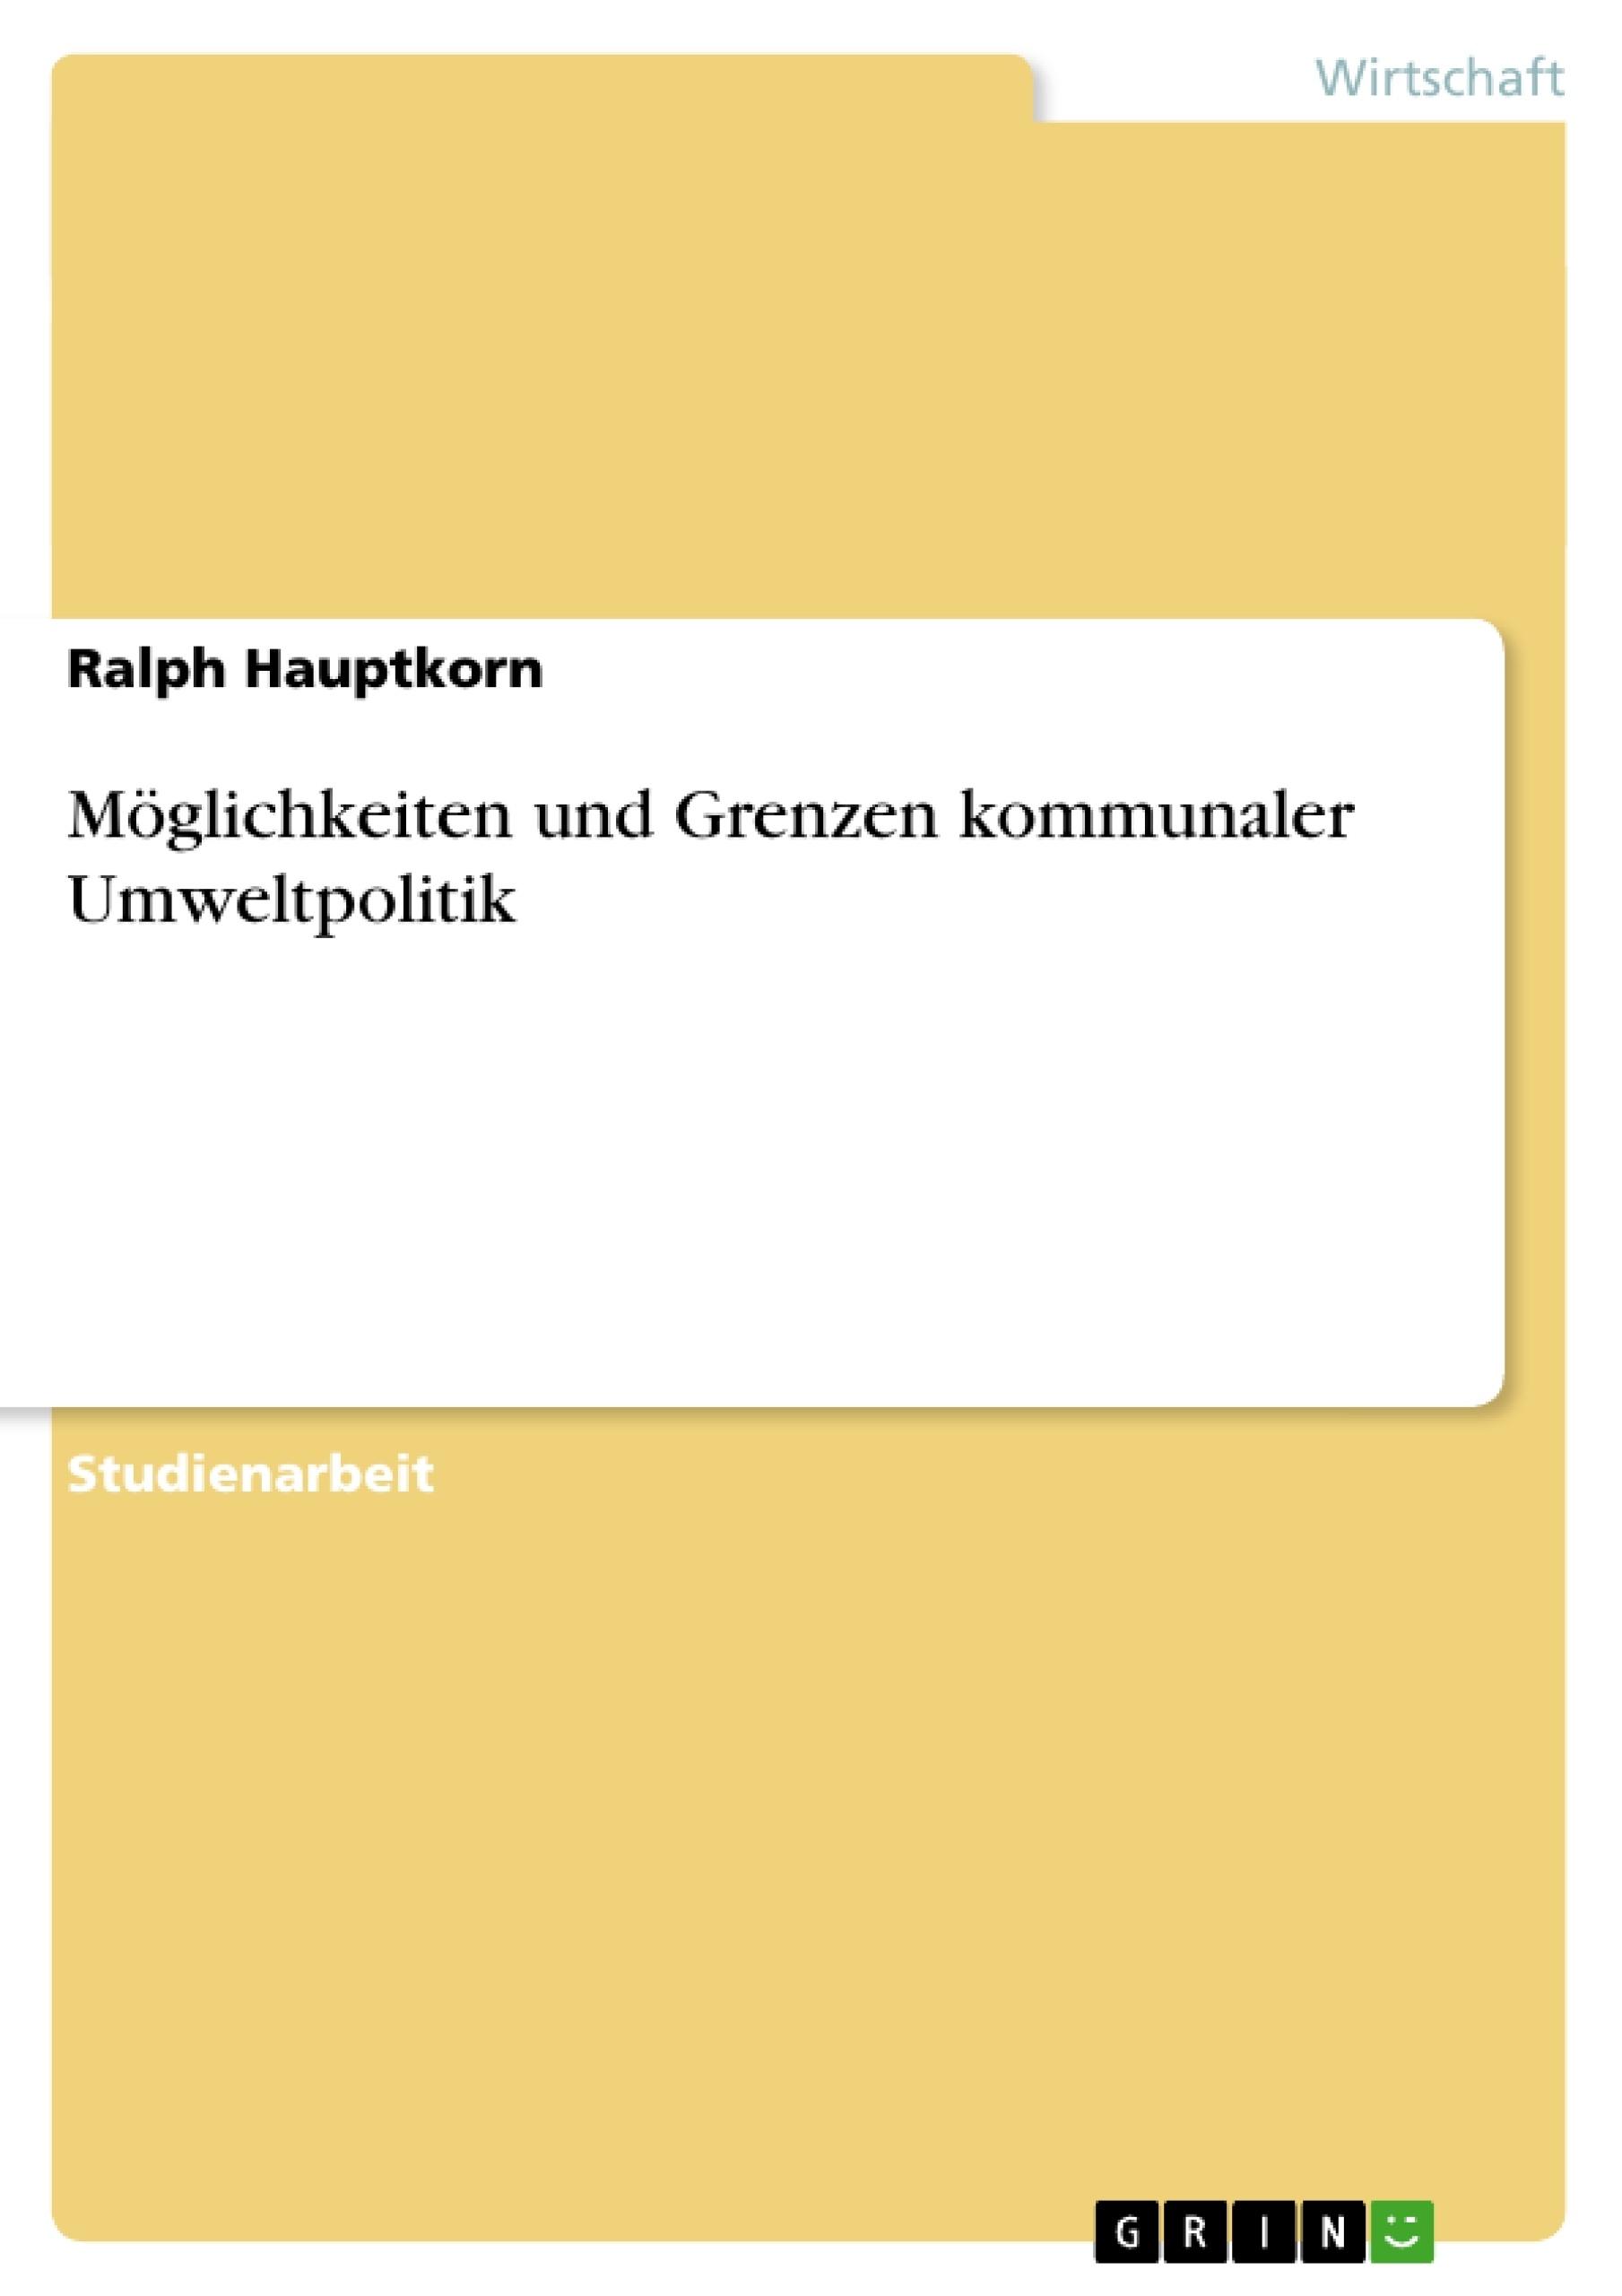 Titel: Möglichkeiten und Grenzen kommunaler Umweltpolitik